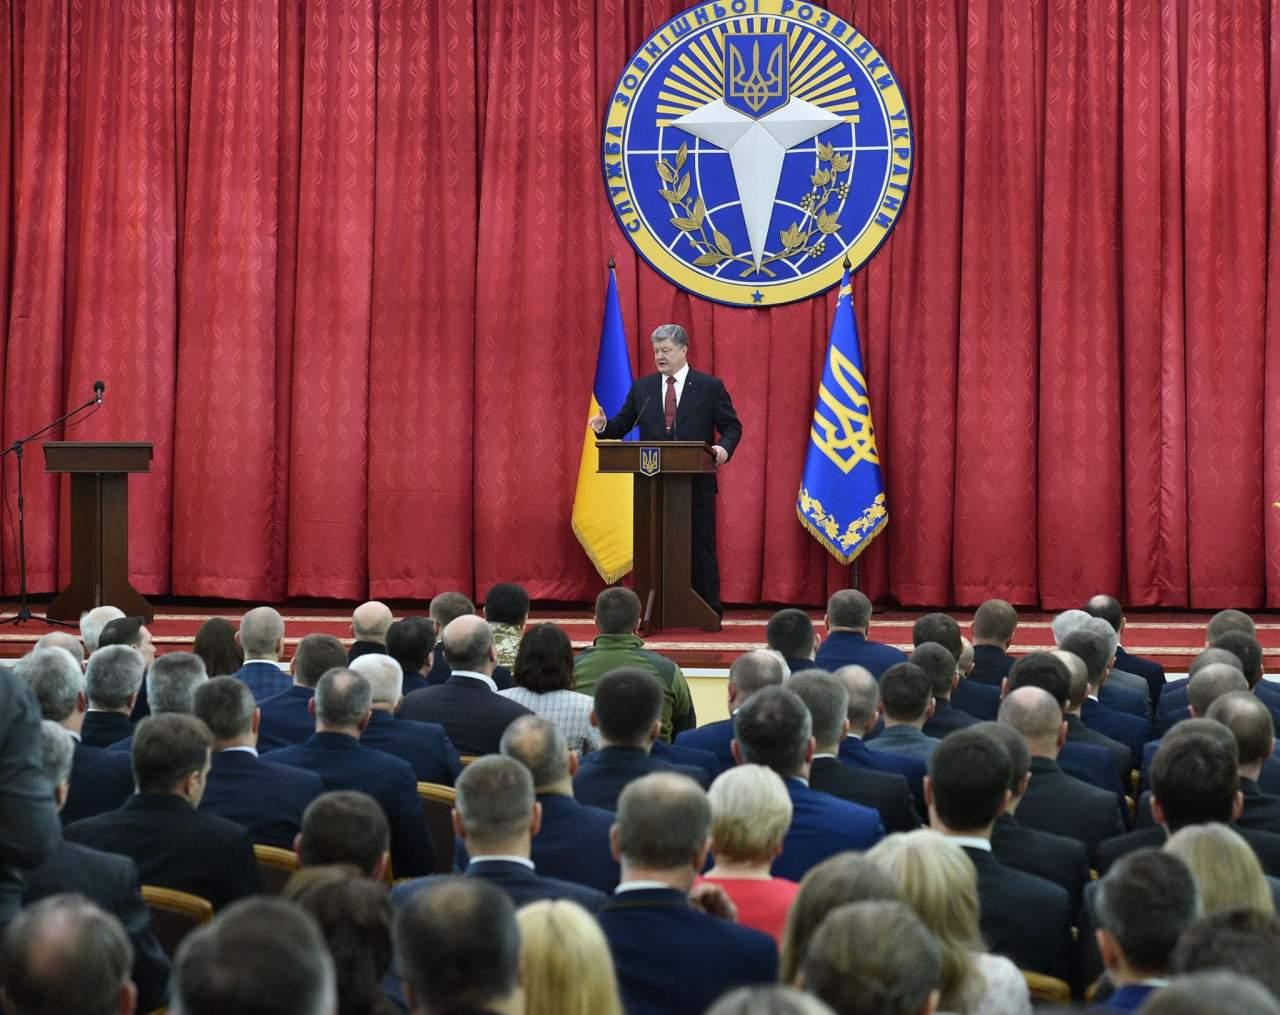 Порошенко поздравил с 26-й годовщиной создания Службу внешней разведки Украины